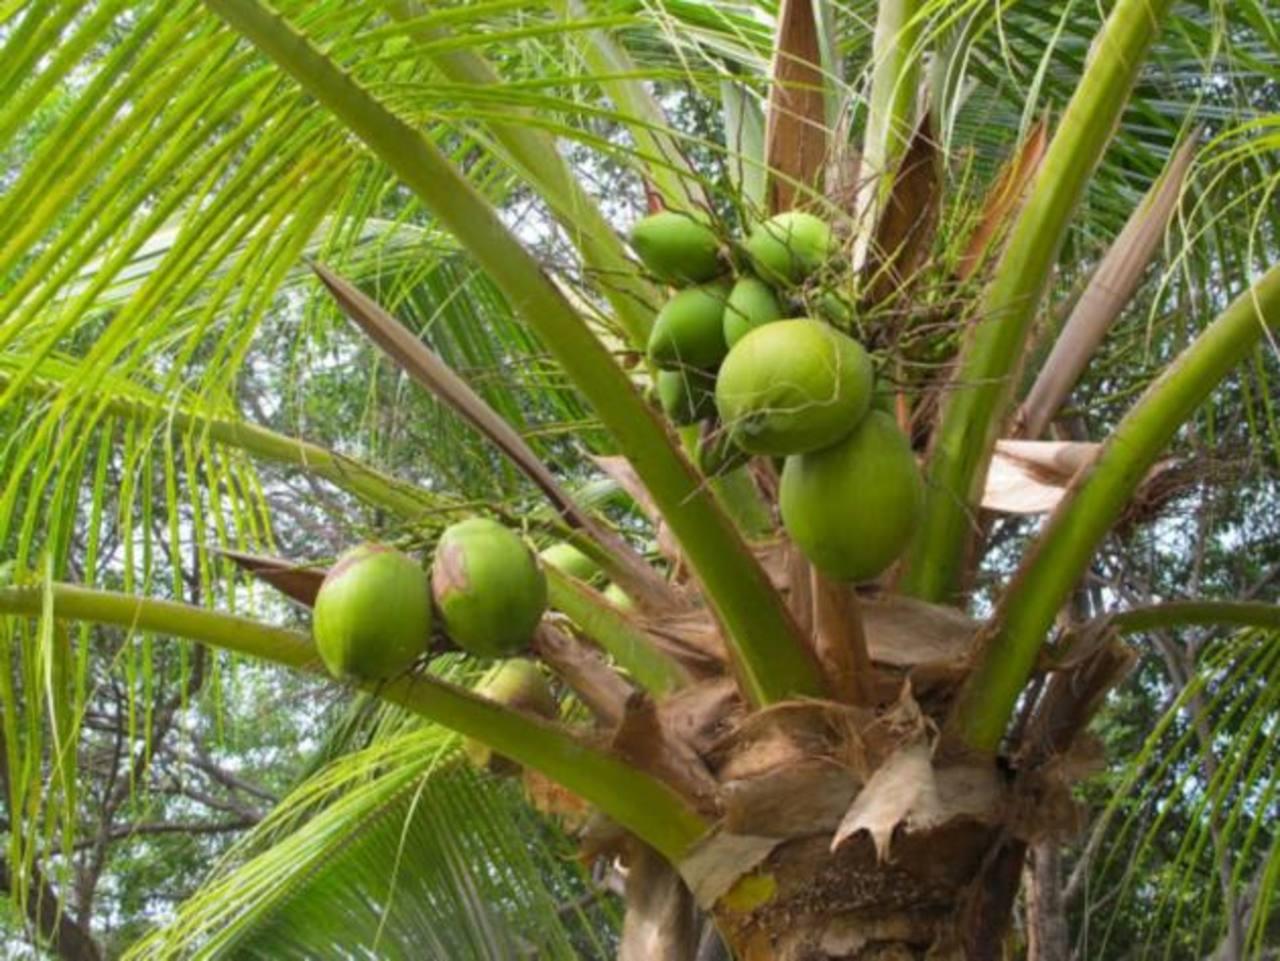 Alto del Pacífico es la variedad de plantas cocoteras sembradas en el país, en donde existen unas 7,000 hectáreas cultivadas. El 65% está en la Bahía de Jiquilisco, Usulután. foto edh/archivo